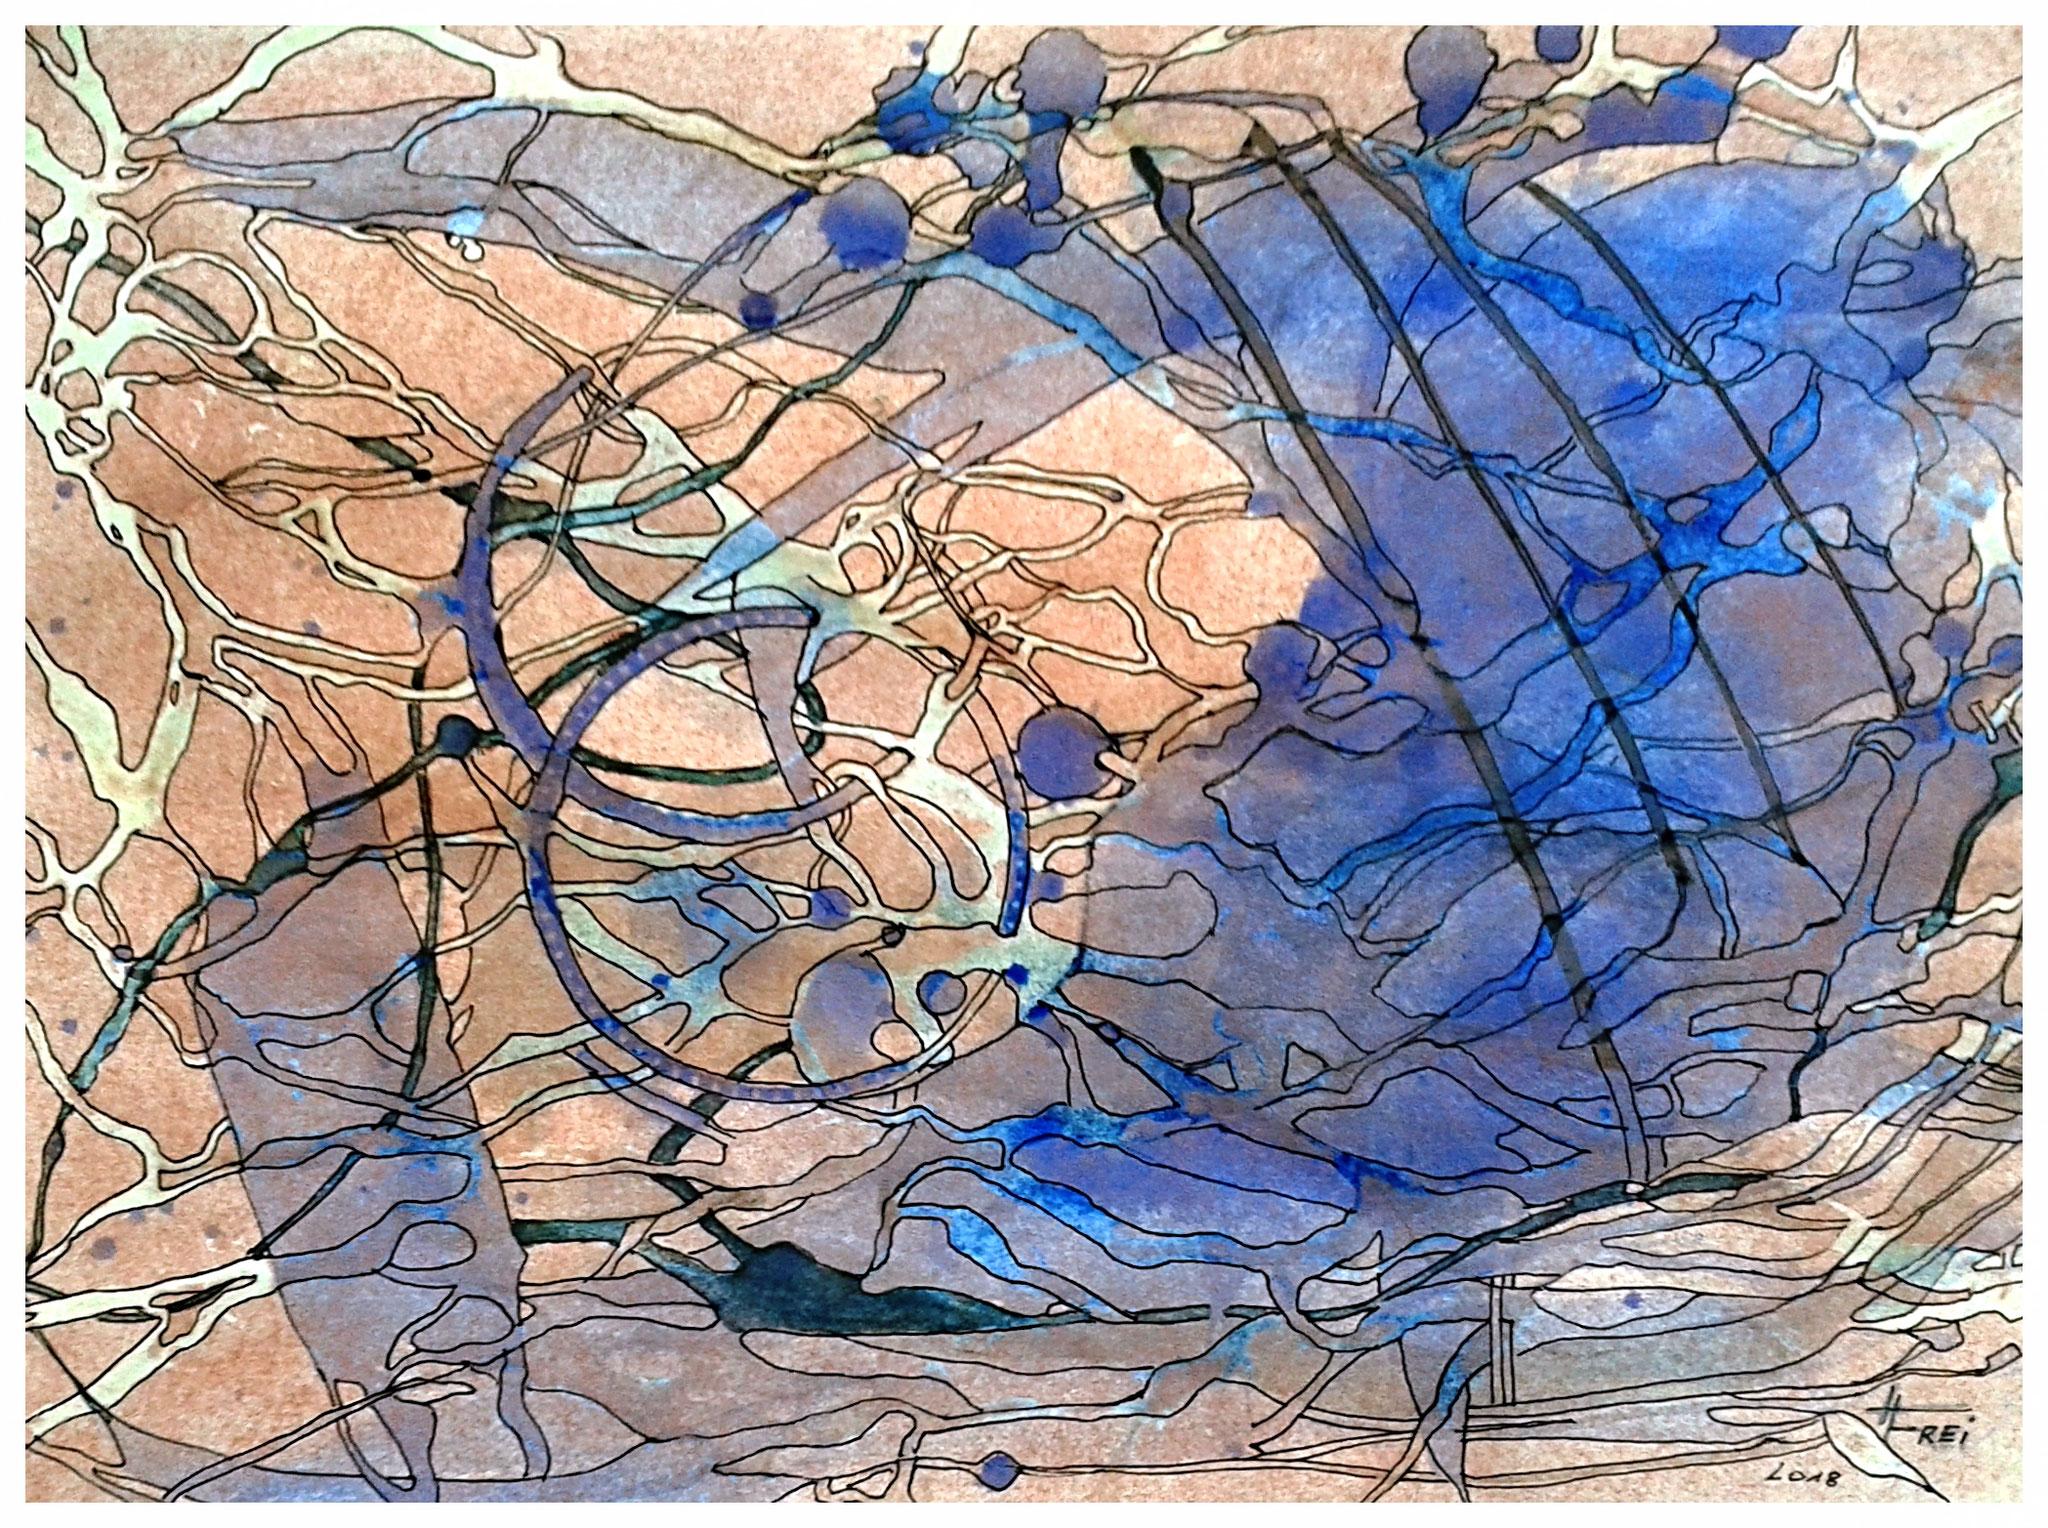 ART HFrei - Schwerelos